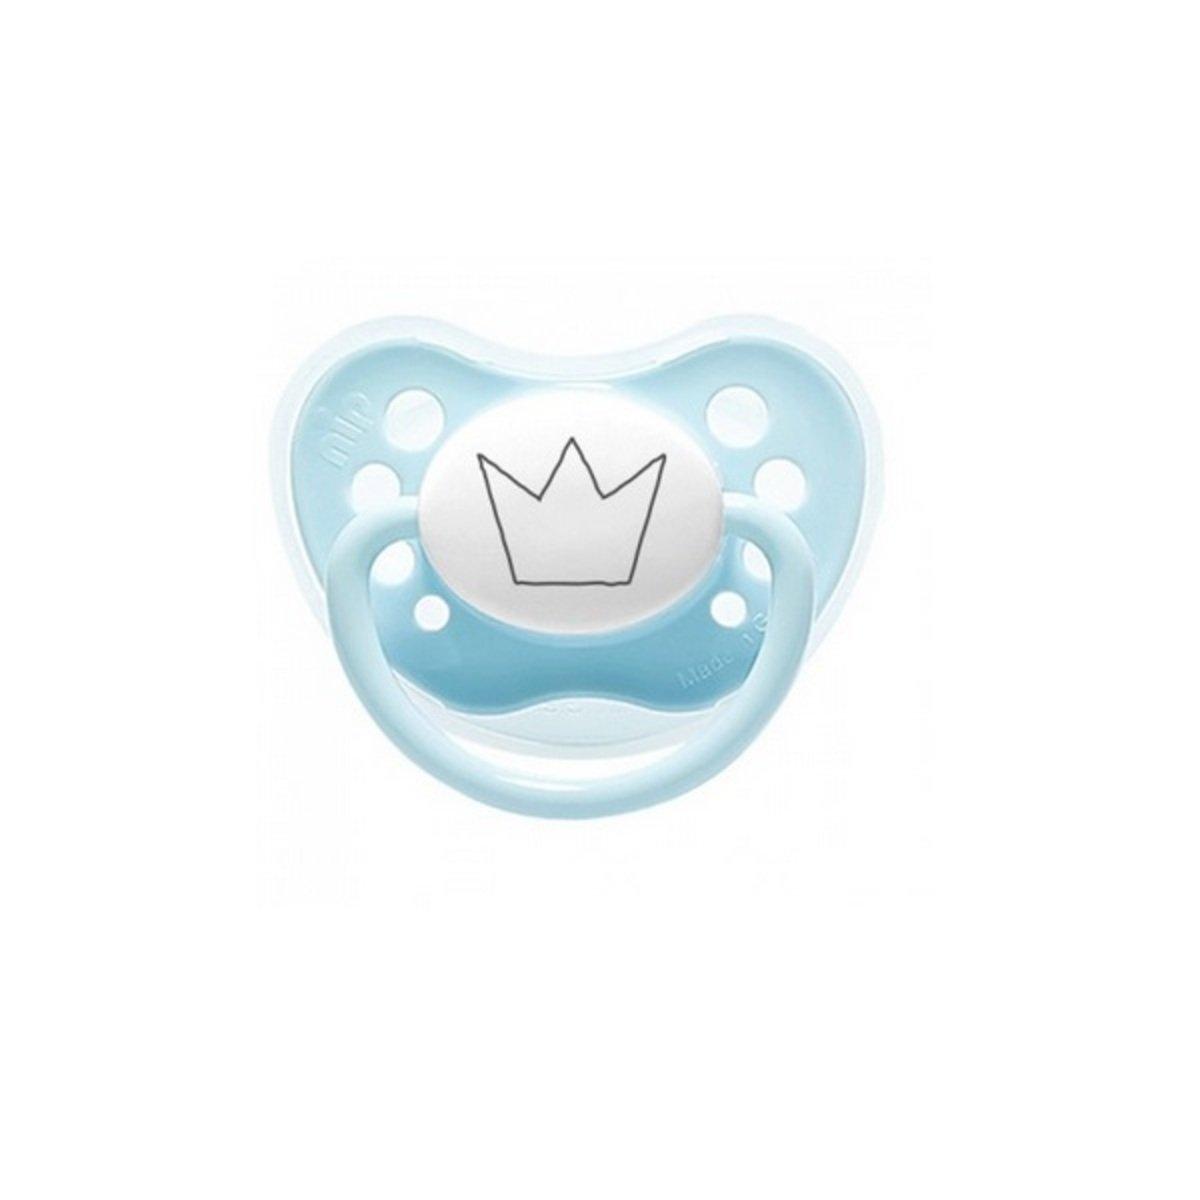 安撫奶咀 - 小皇冠